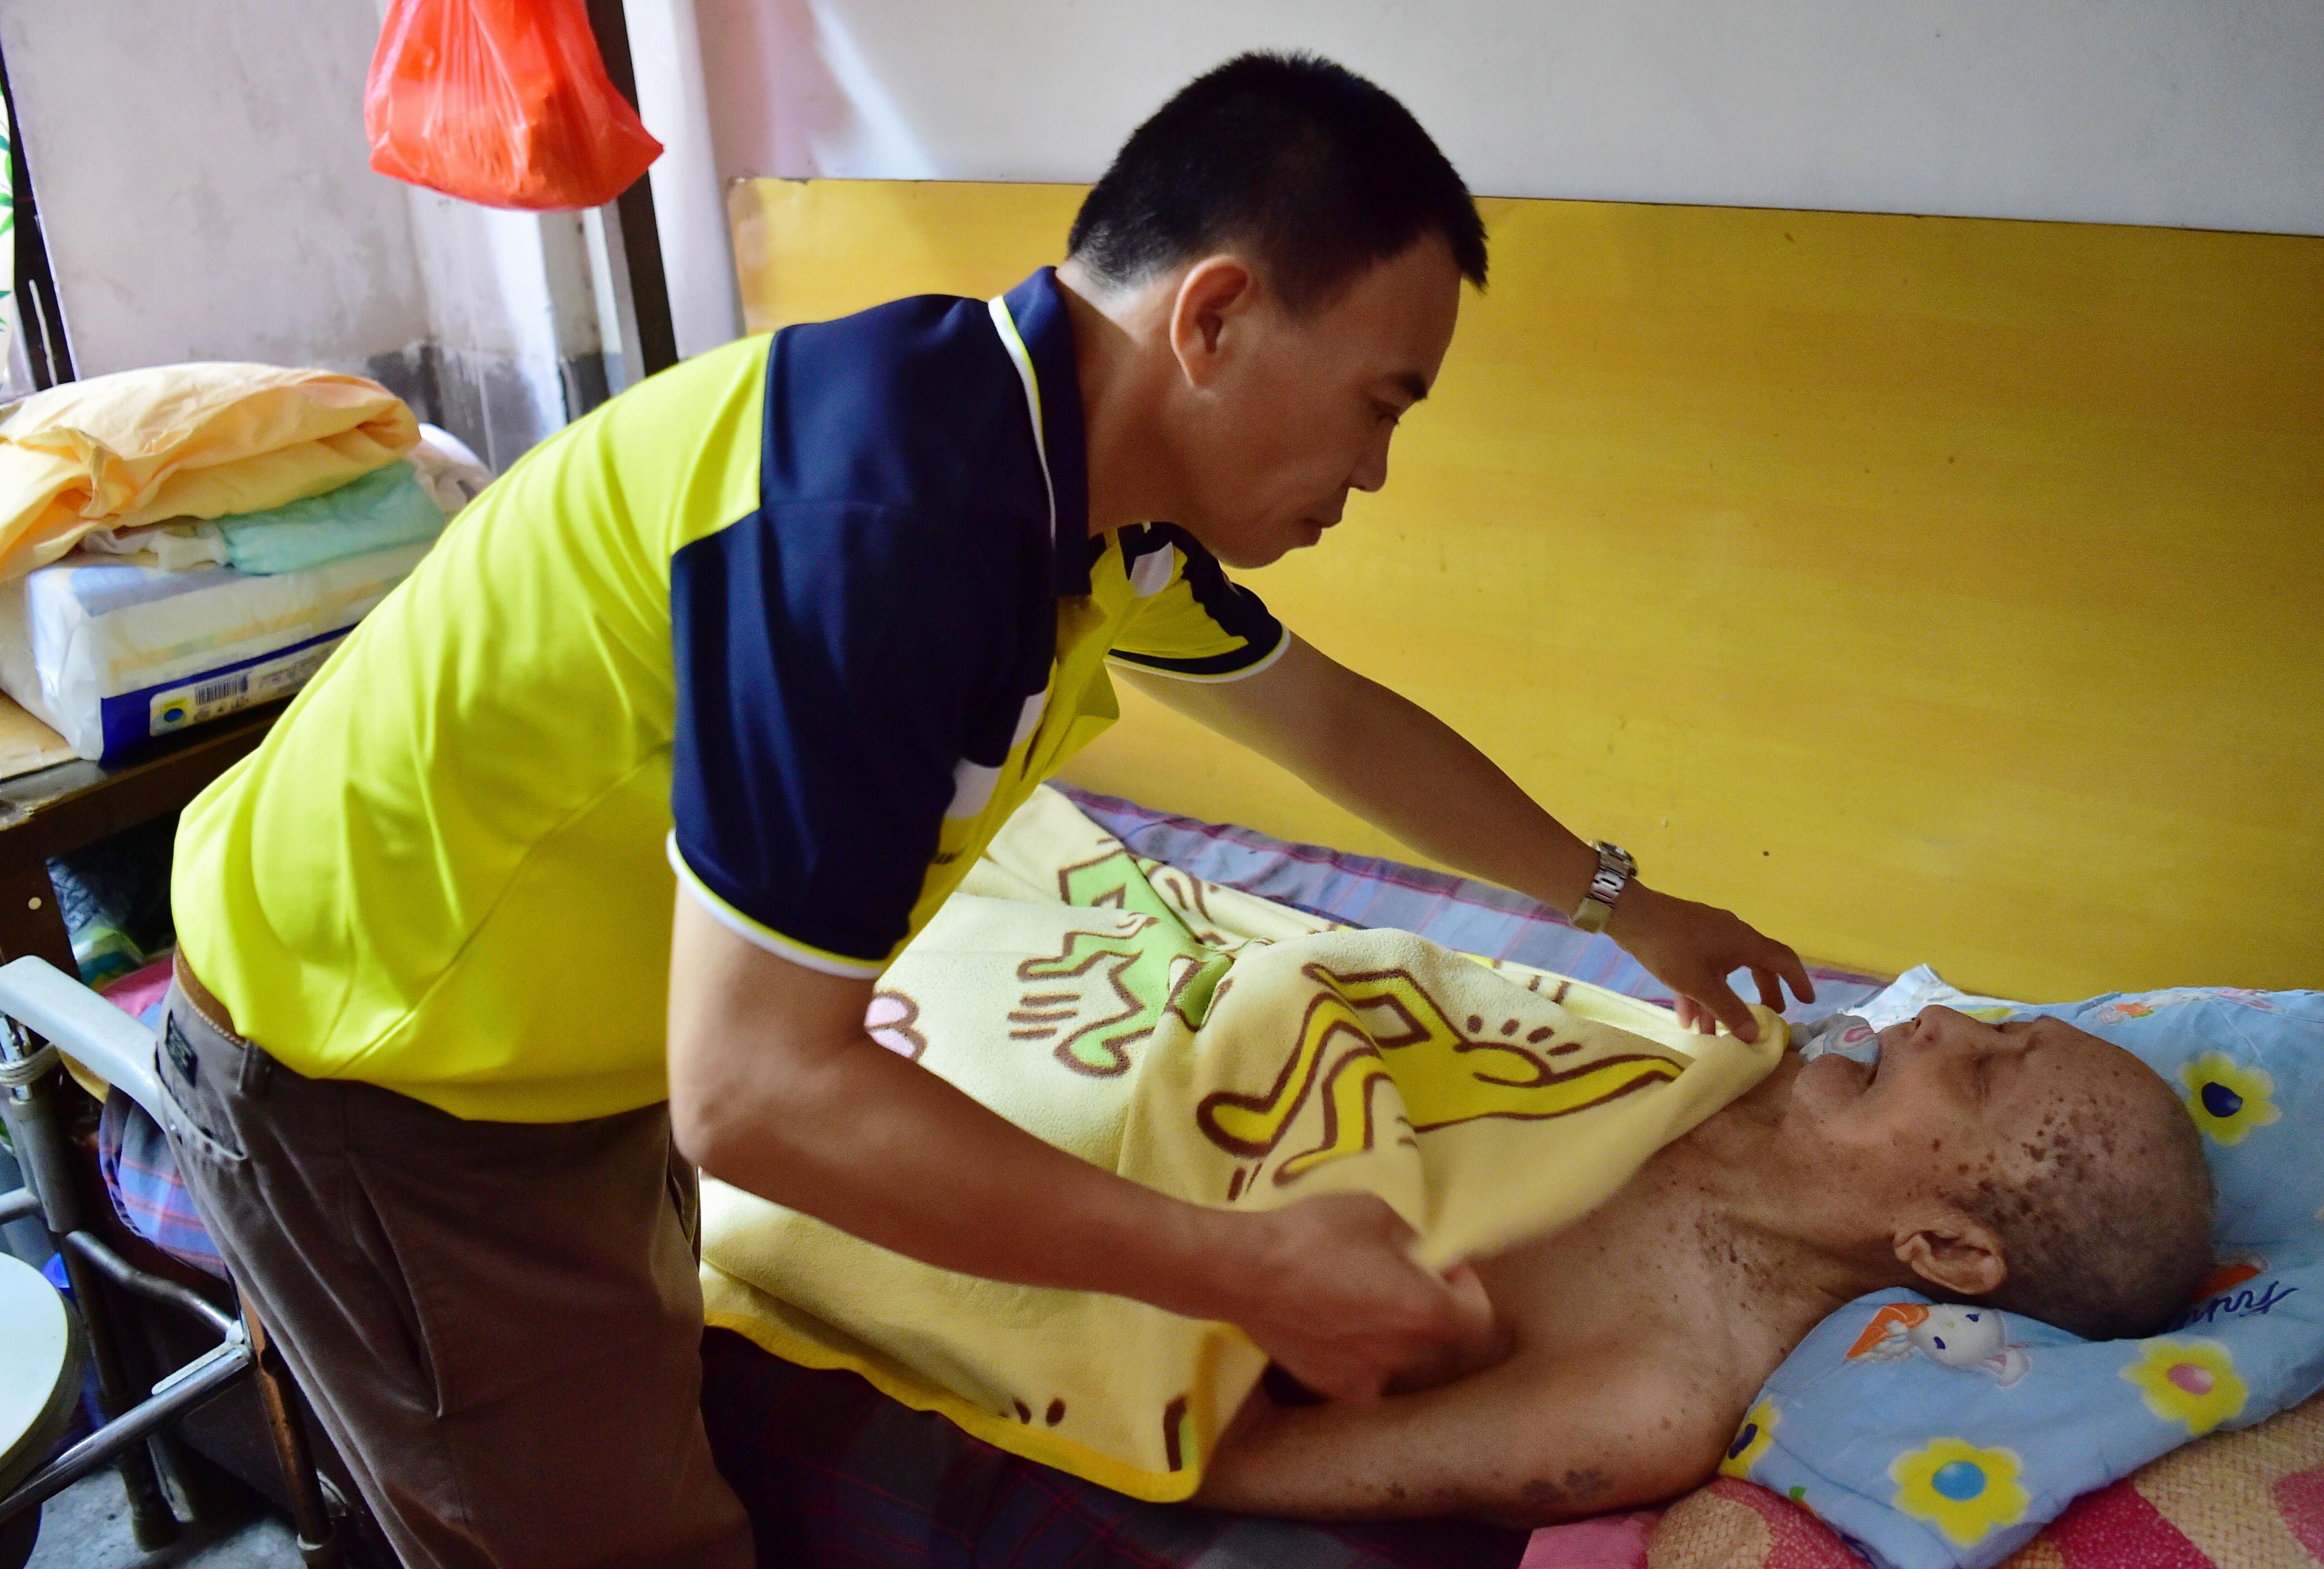 2016年6月19日,高雄市左营区祥和里里长刘德文(左)正在照顾96岁的抗日老兵蔡万章。(新华社记者 魏培全摄)